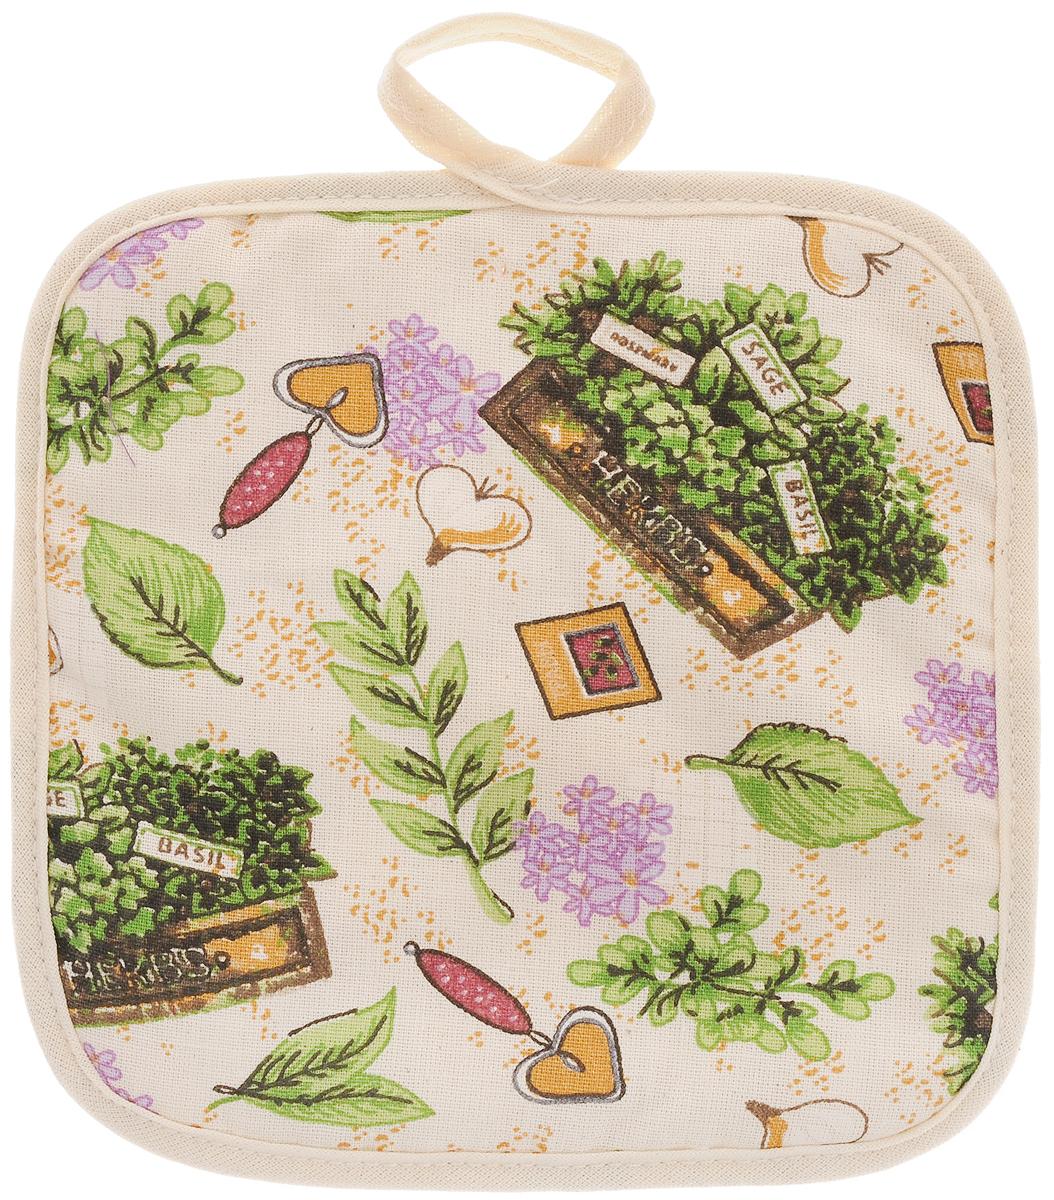 Прихватка Bonita Цветущие травы, 17 х 17 см15010816708Прихватка Bonita выполнена из натурального хлопка и декорирована оригинальным рисунком. Изделие оснащено специальной петелькой, за которую его можно подвесить на крючок в любом удобном для вас месте. Такая прихватка красиво дополнит интерьер кухни.